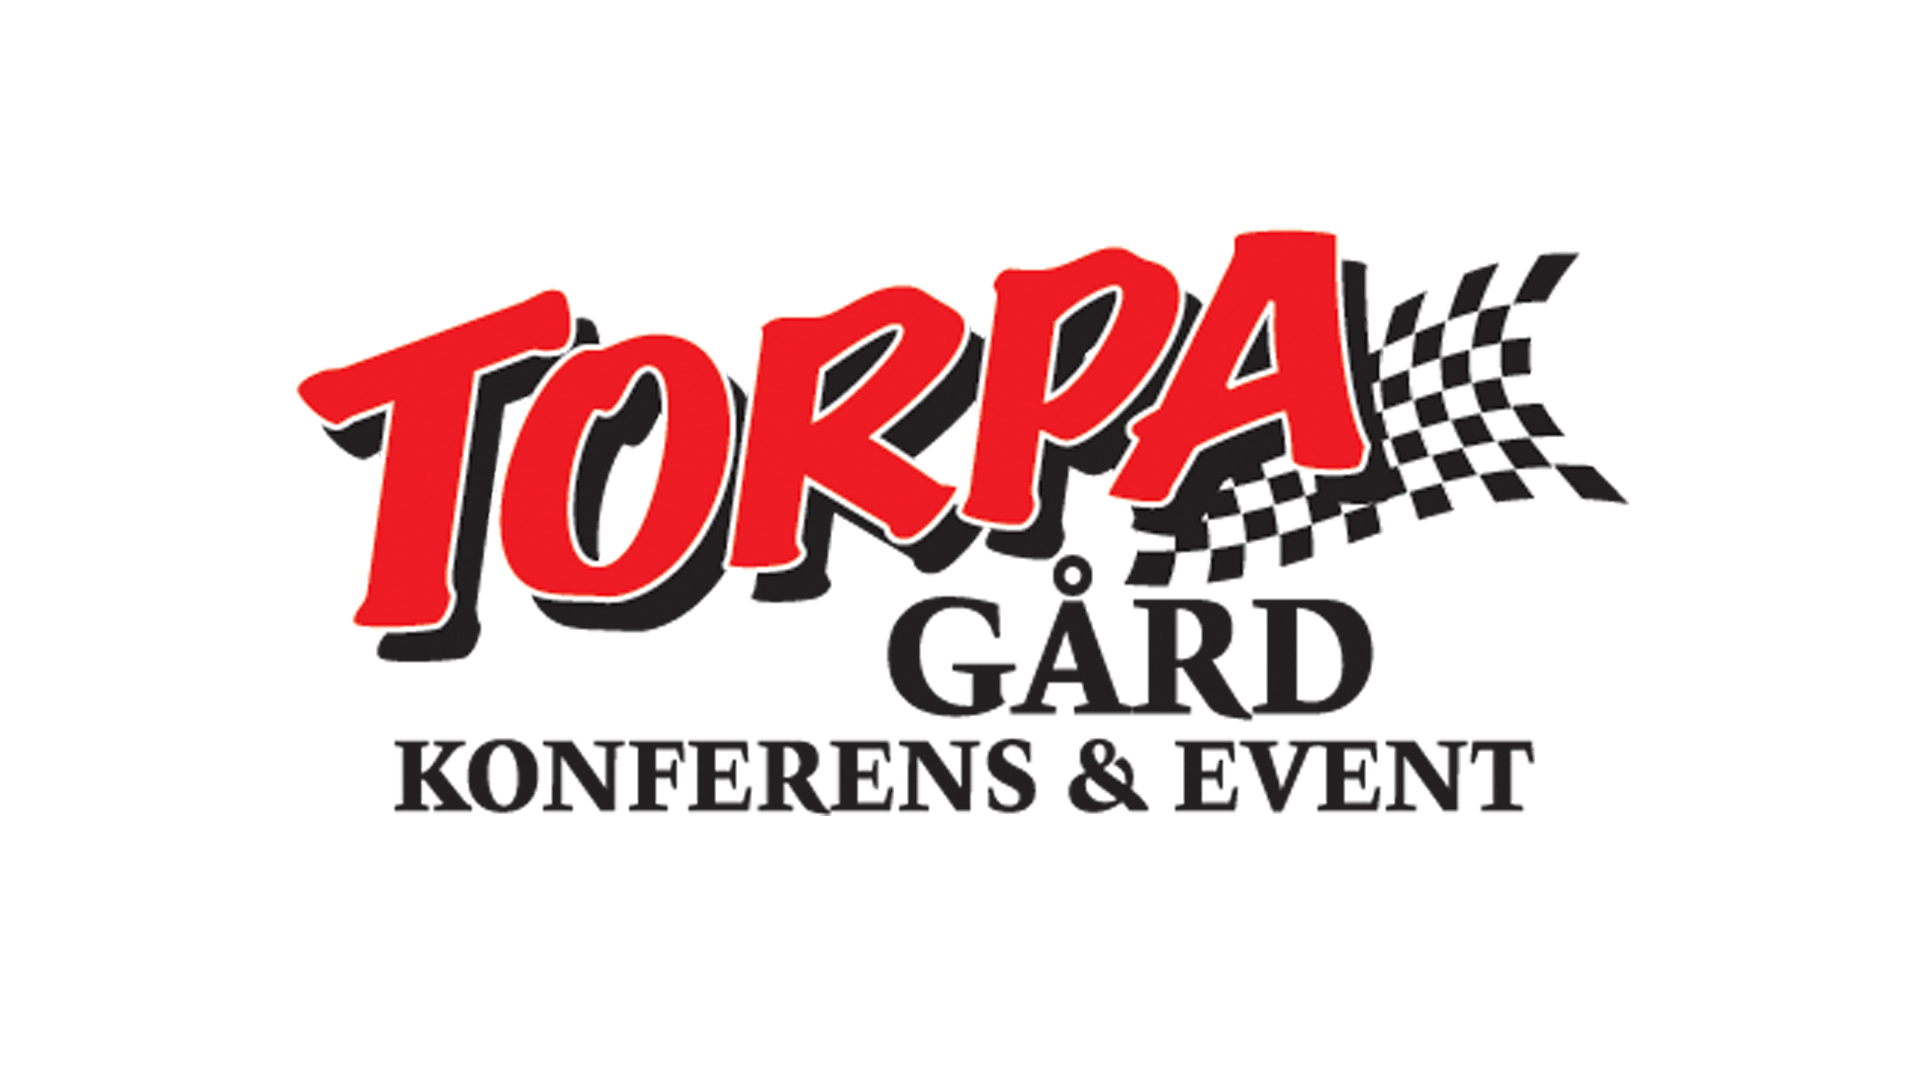 Torpa Gård Konferens & Event